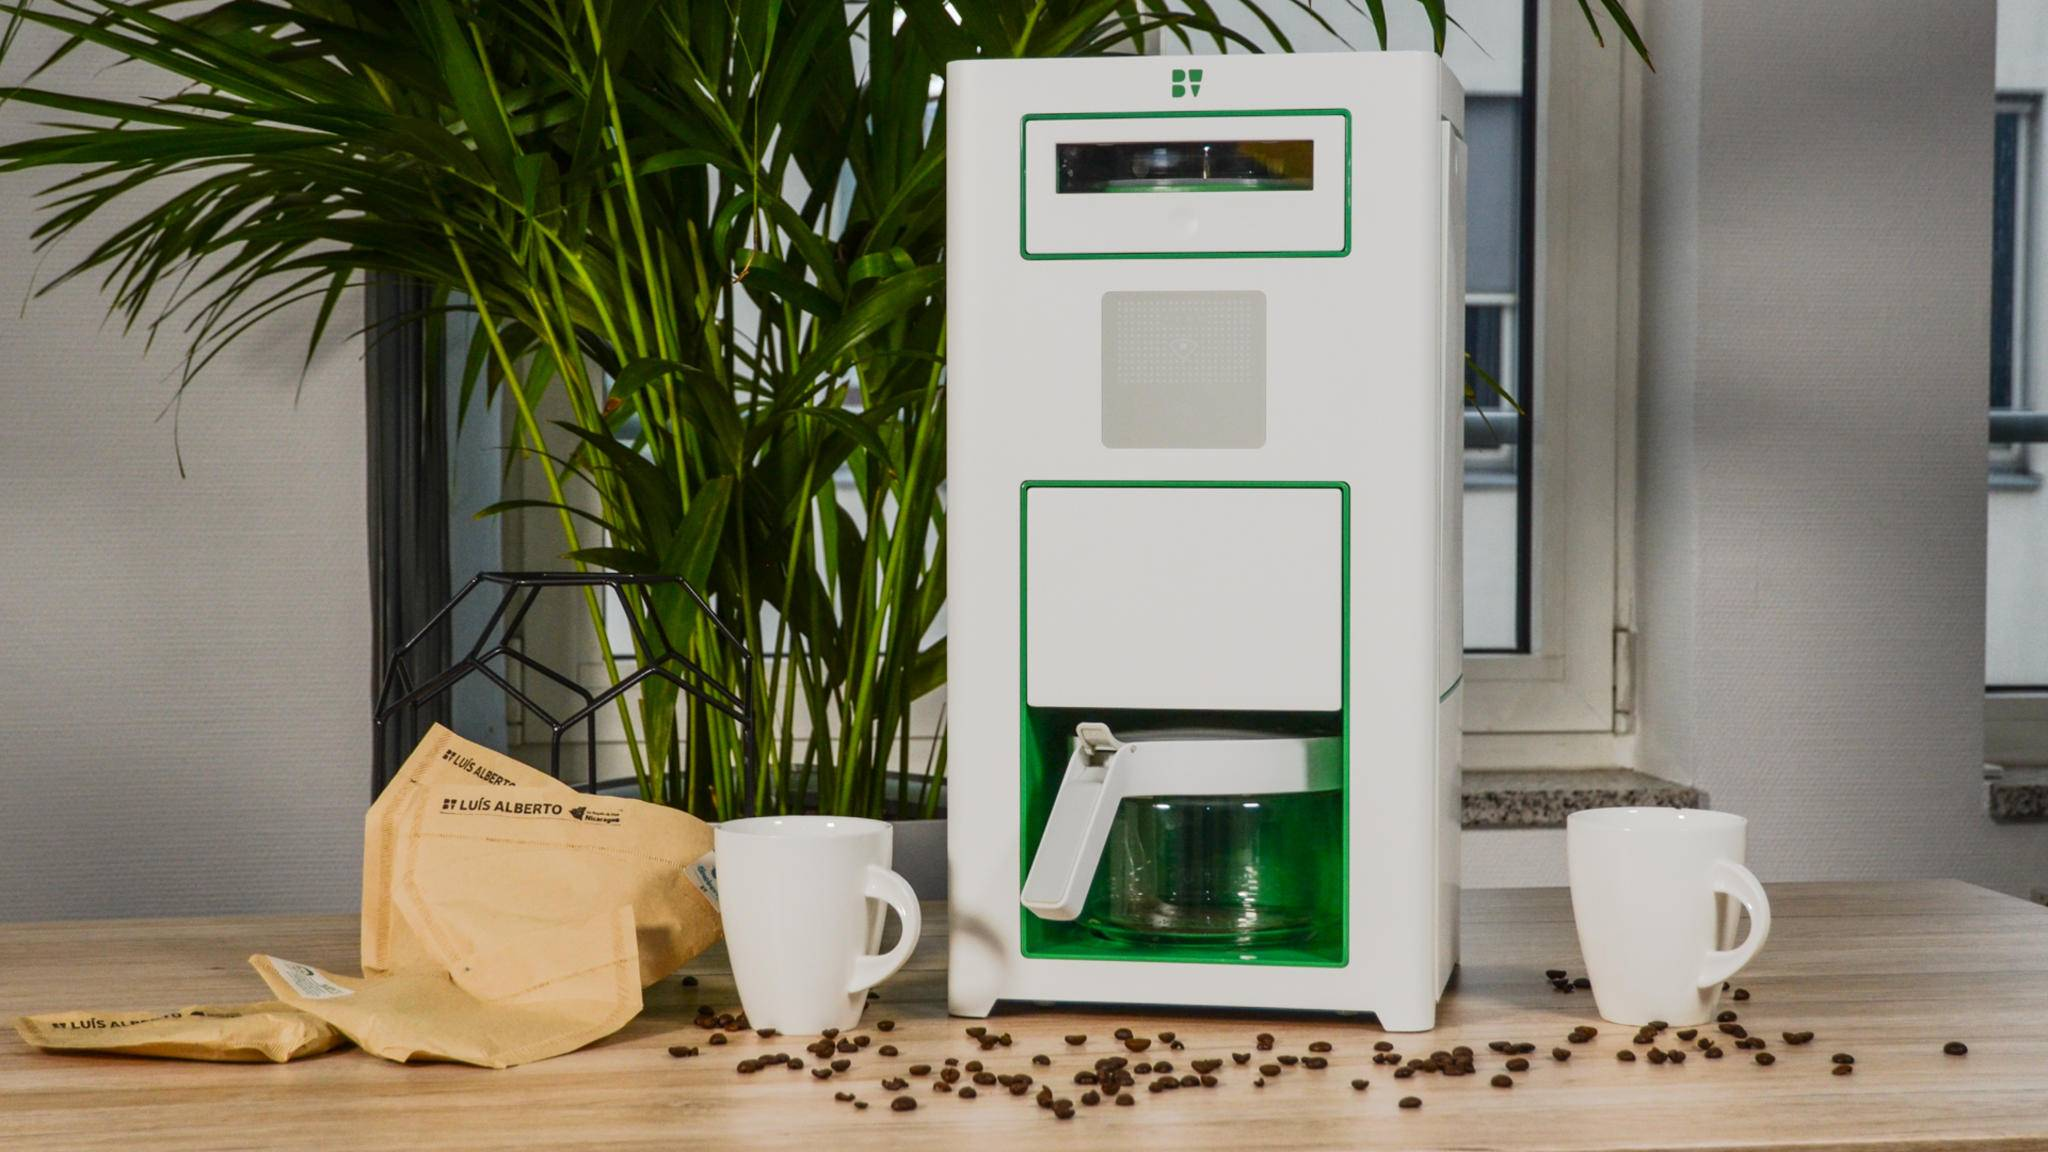 Das Kaffee-Kraftwerk Bonaverde